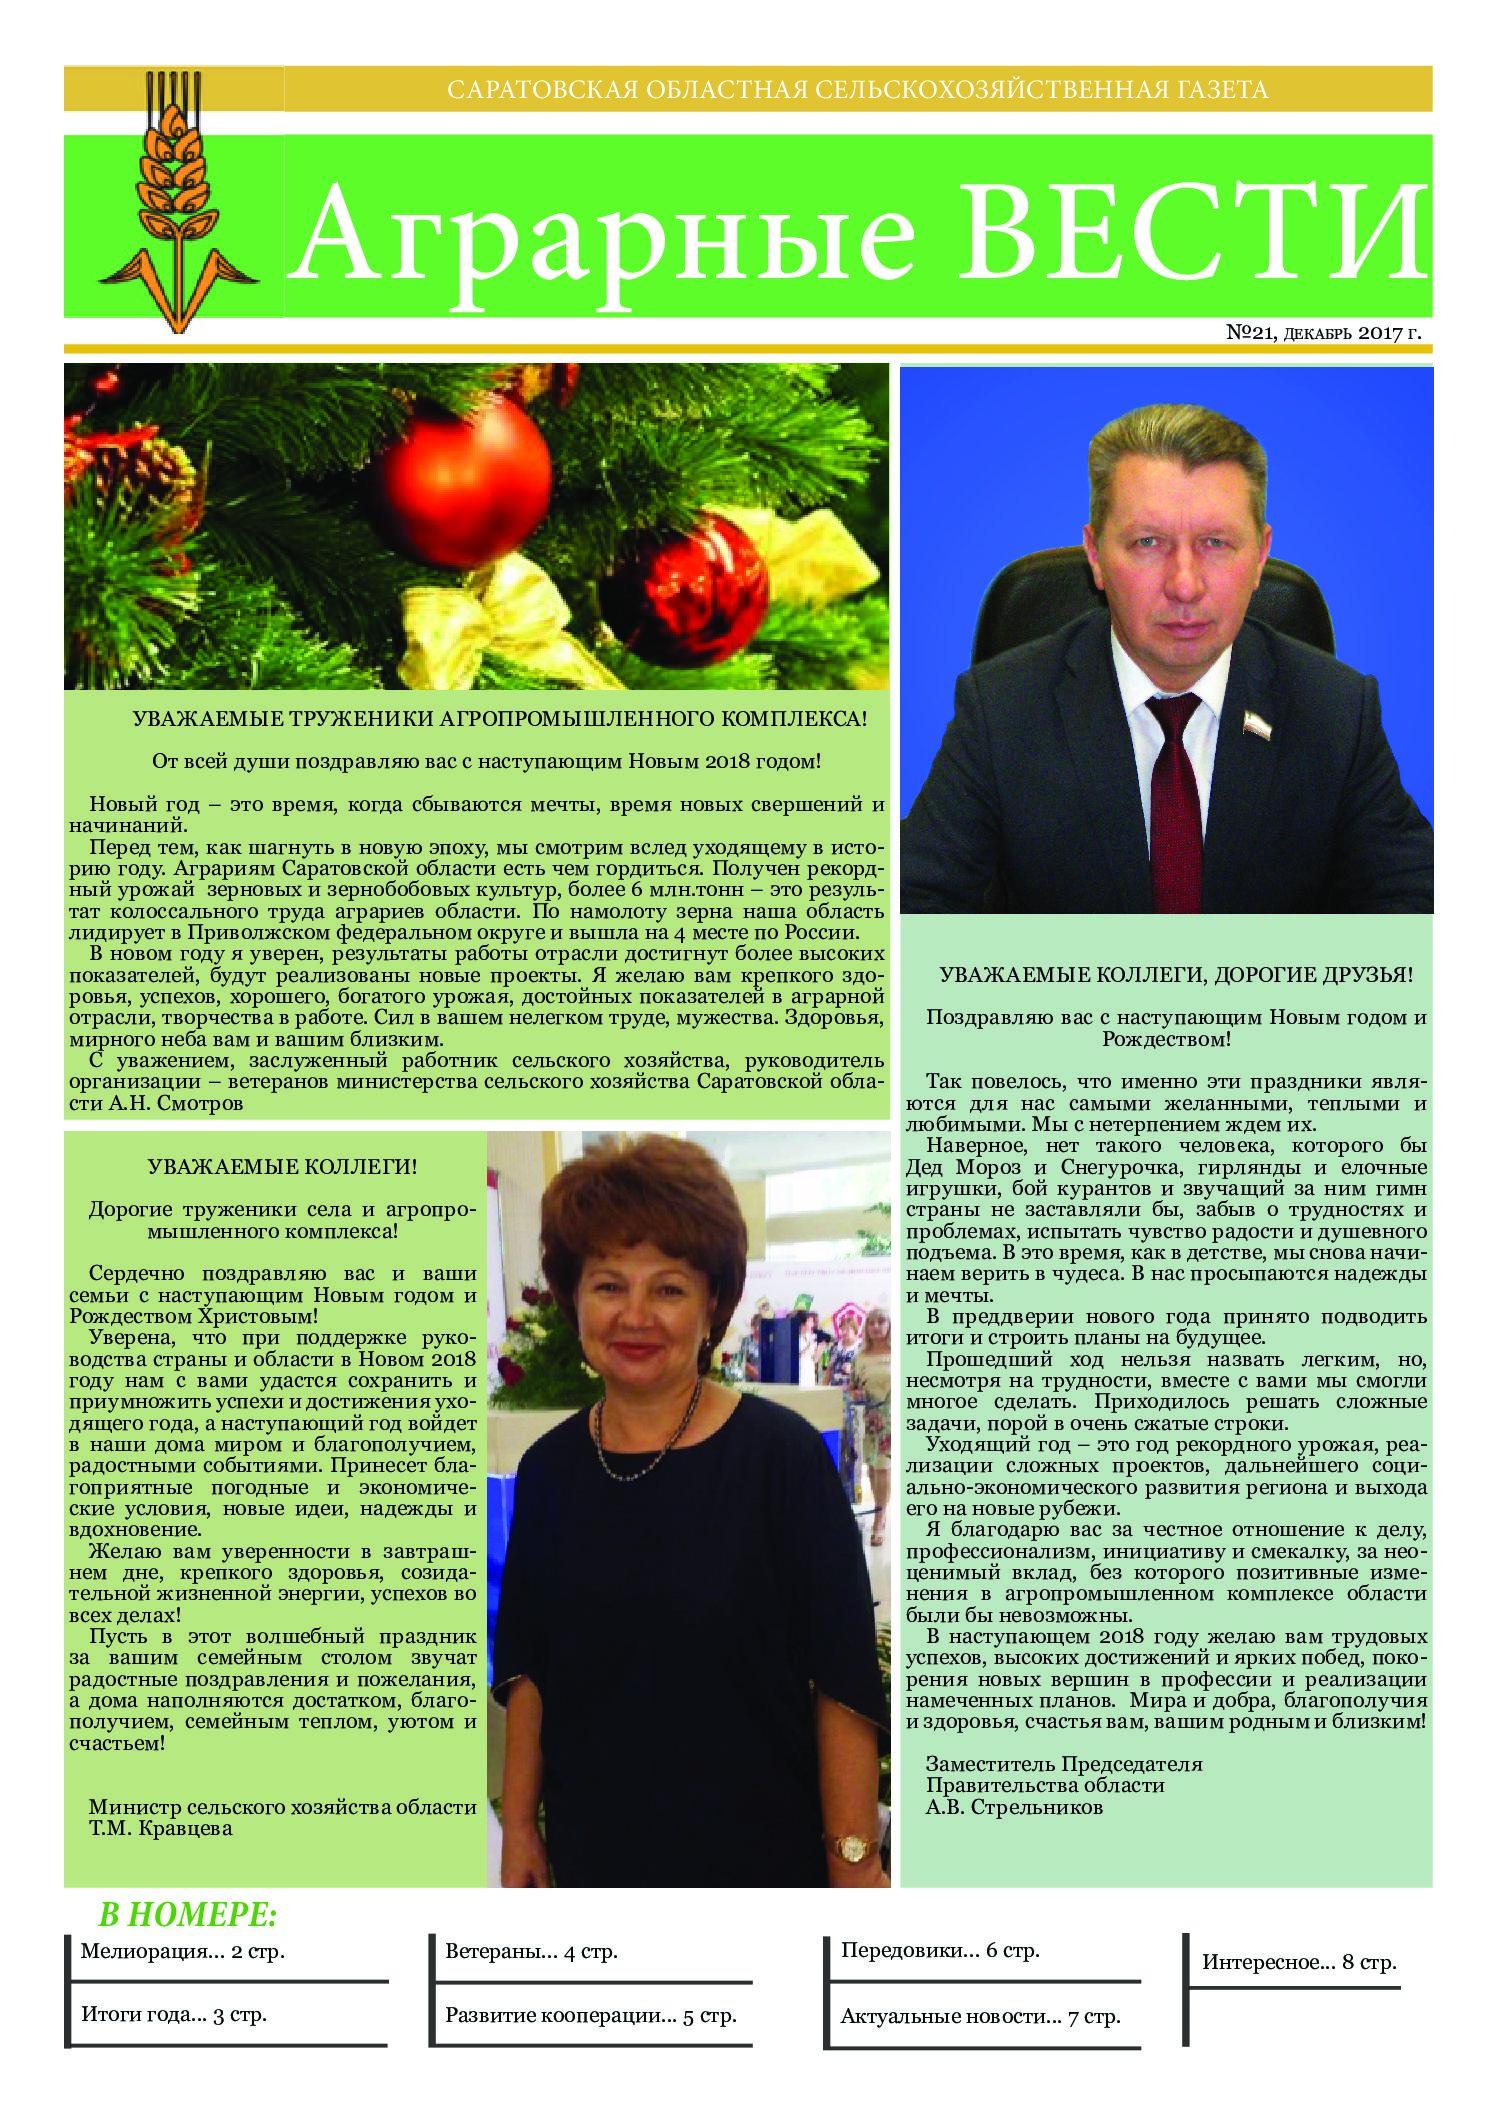 https://saratovagro.ru/wp-content/uploads/2020/08/Декабрь-21-pdf.jpg